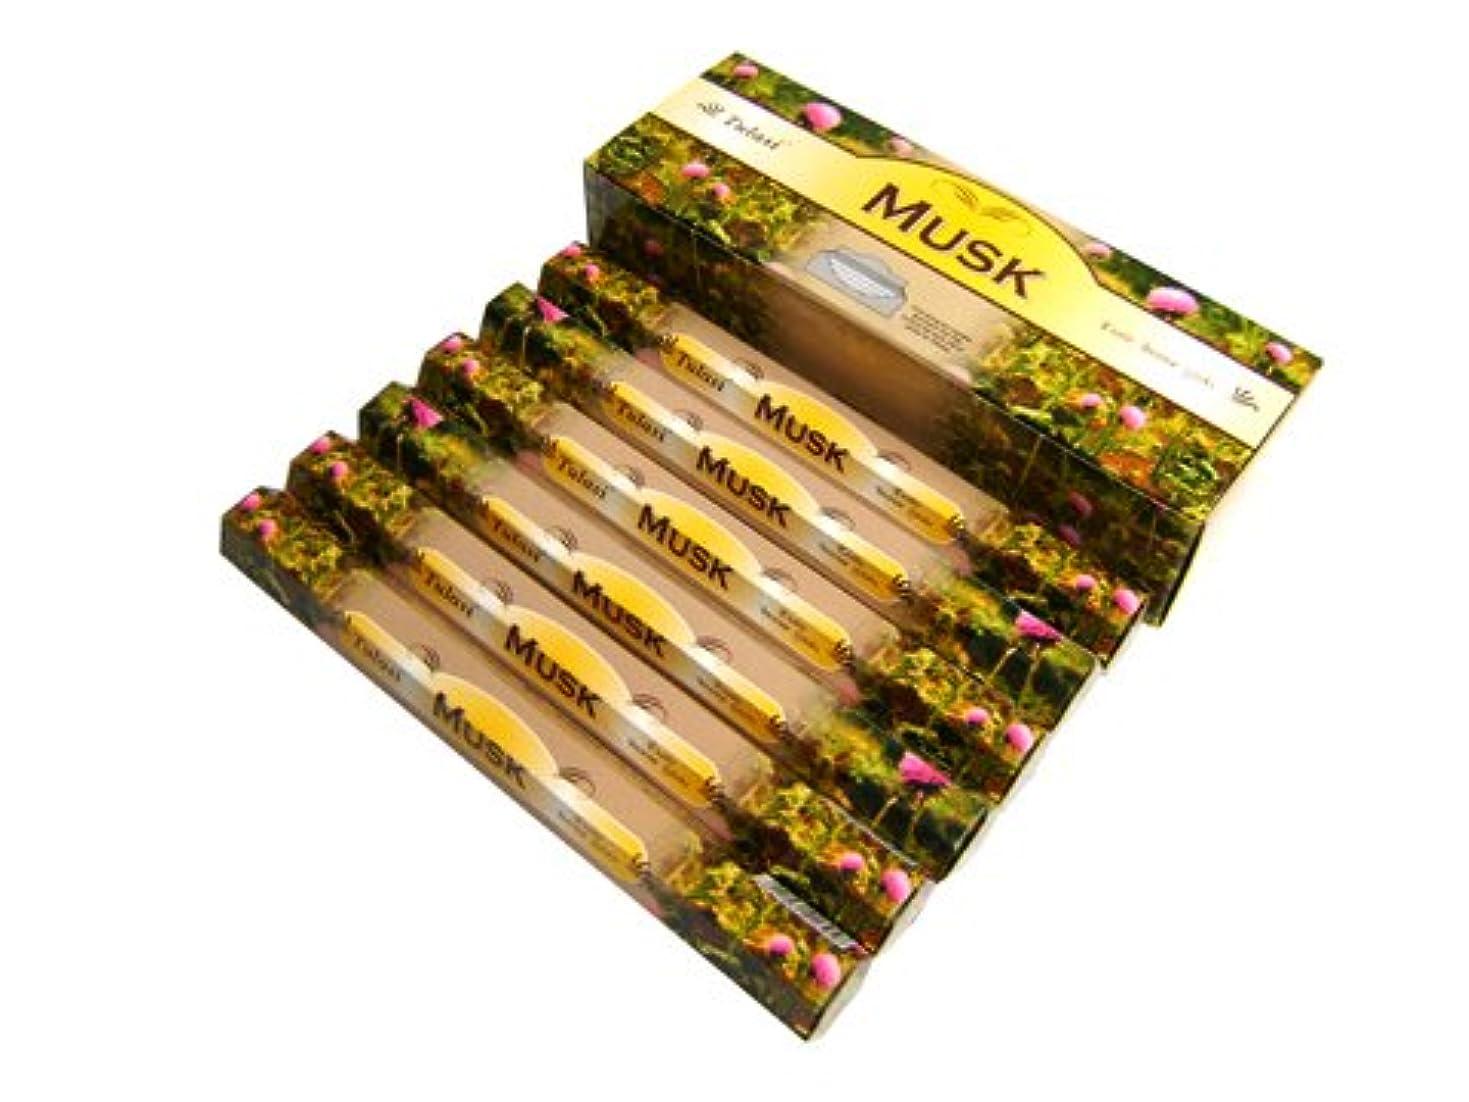 基本的な音楽を聴く暗唱するTULASI(トゥラシ) ムスク香 スティック MUSK 6箱セット